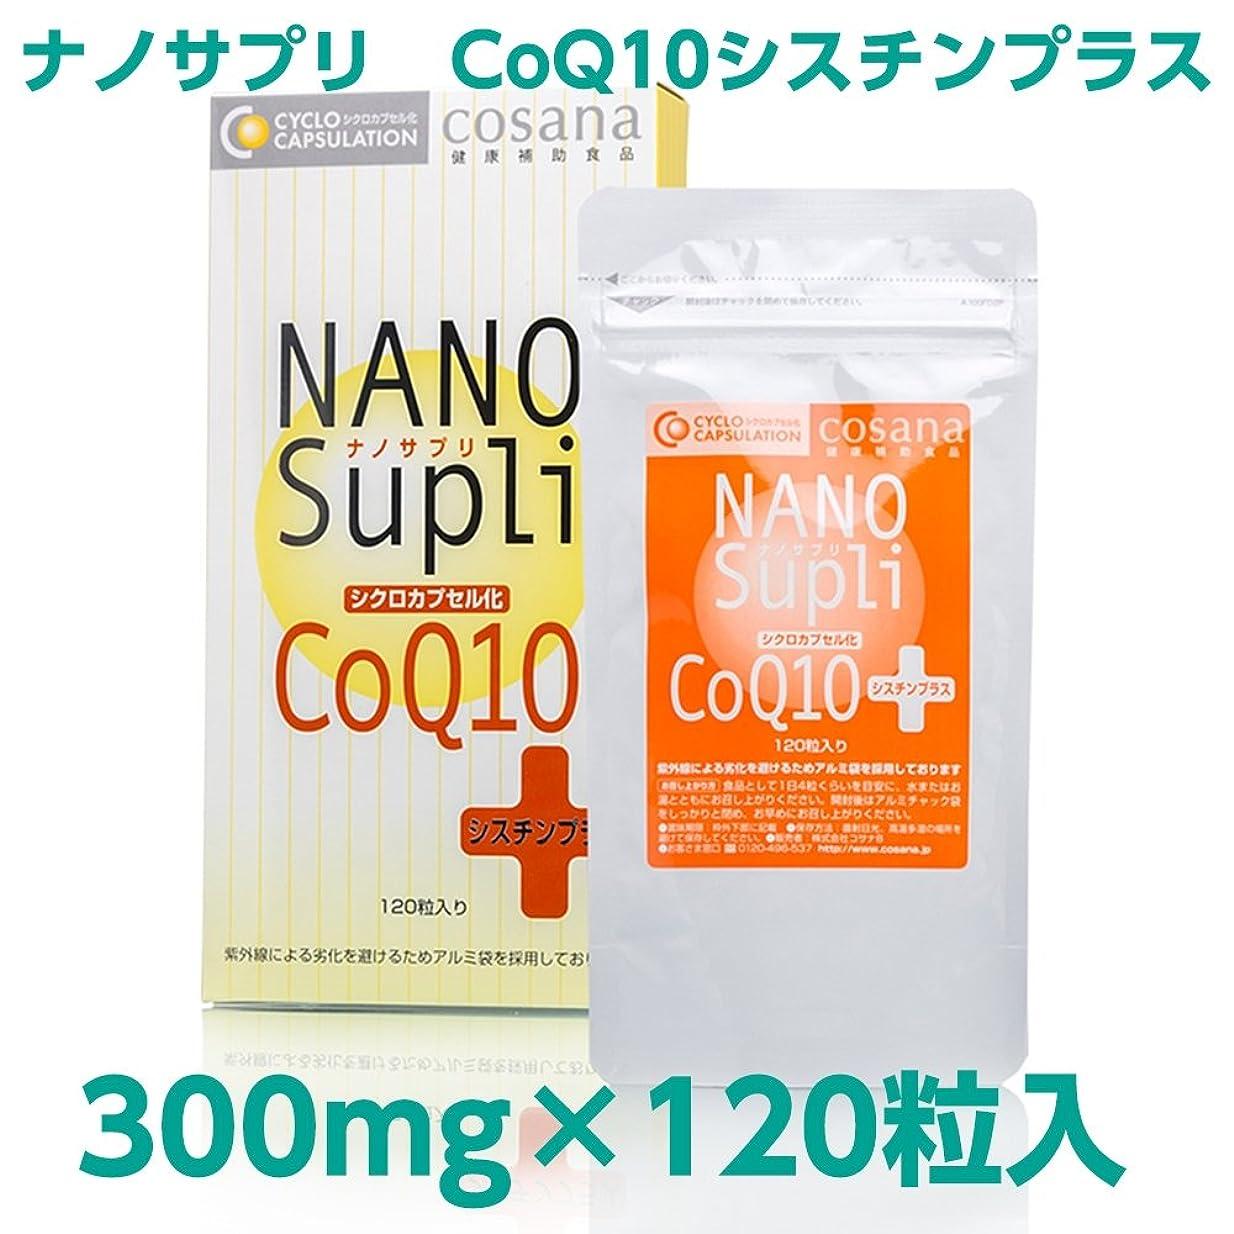 ドールブラウザ焦げナノサプリシクロカプセル化CoQ10 シスチンプラス